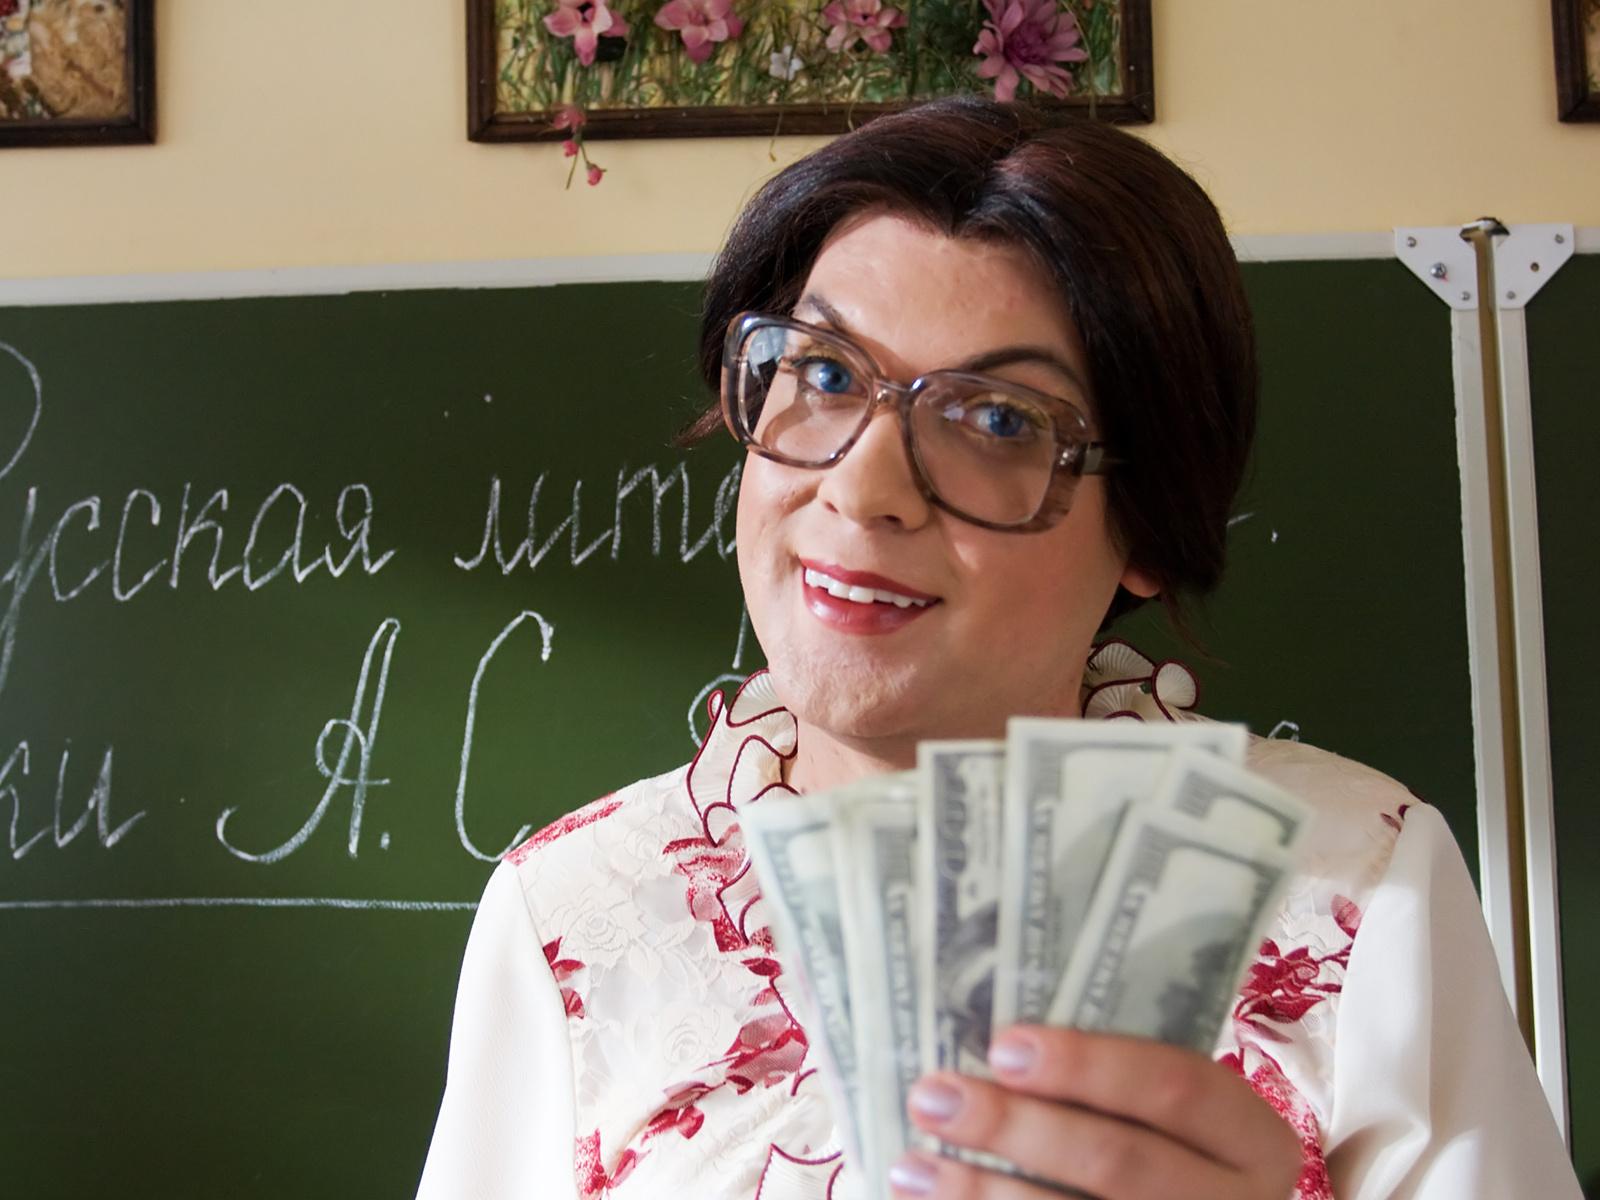 Смешные картинки с учительницей, февраля мужчинам коллегам